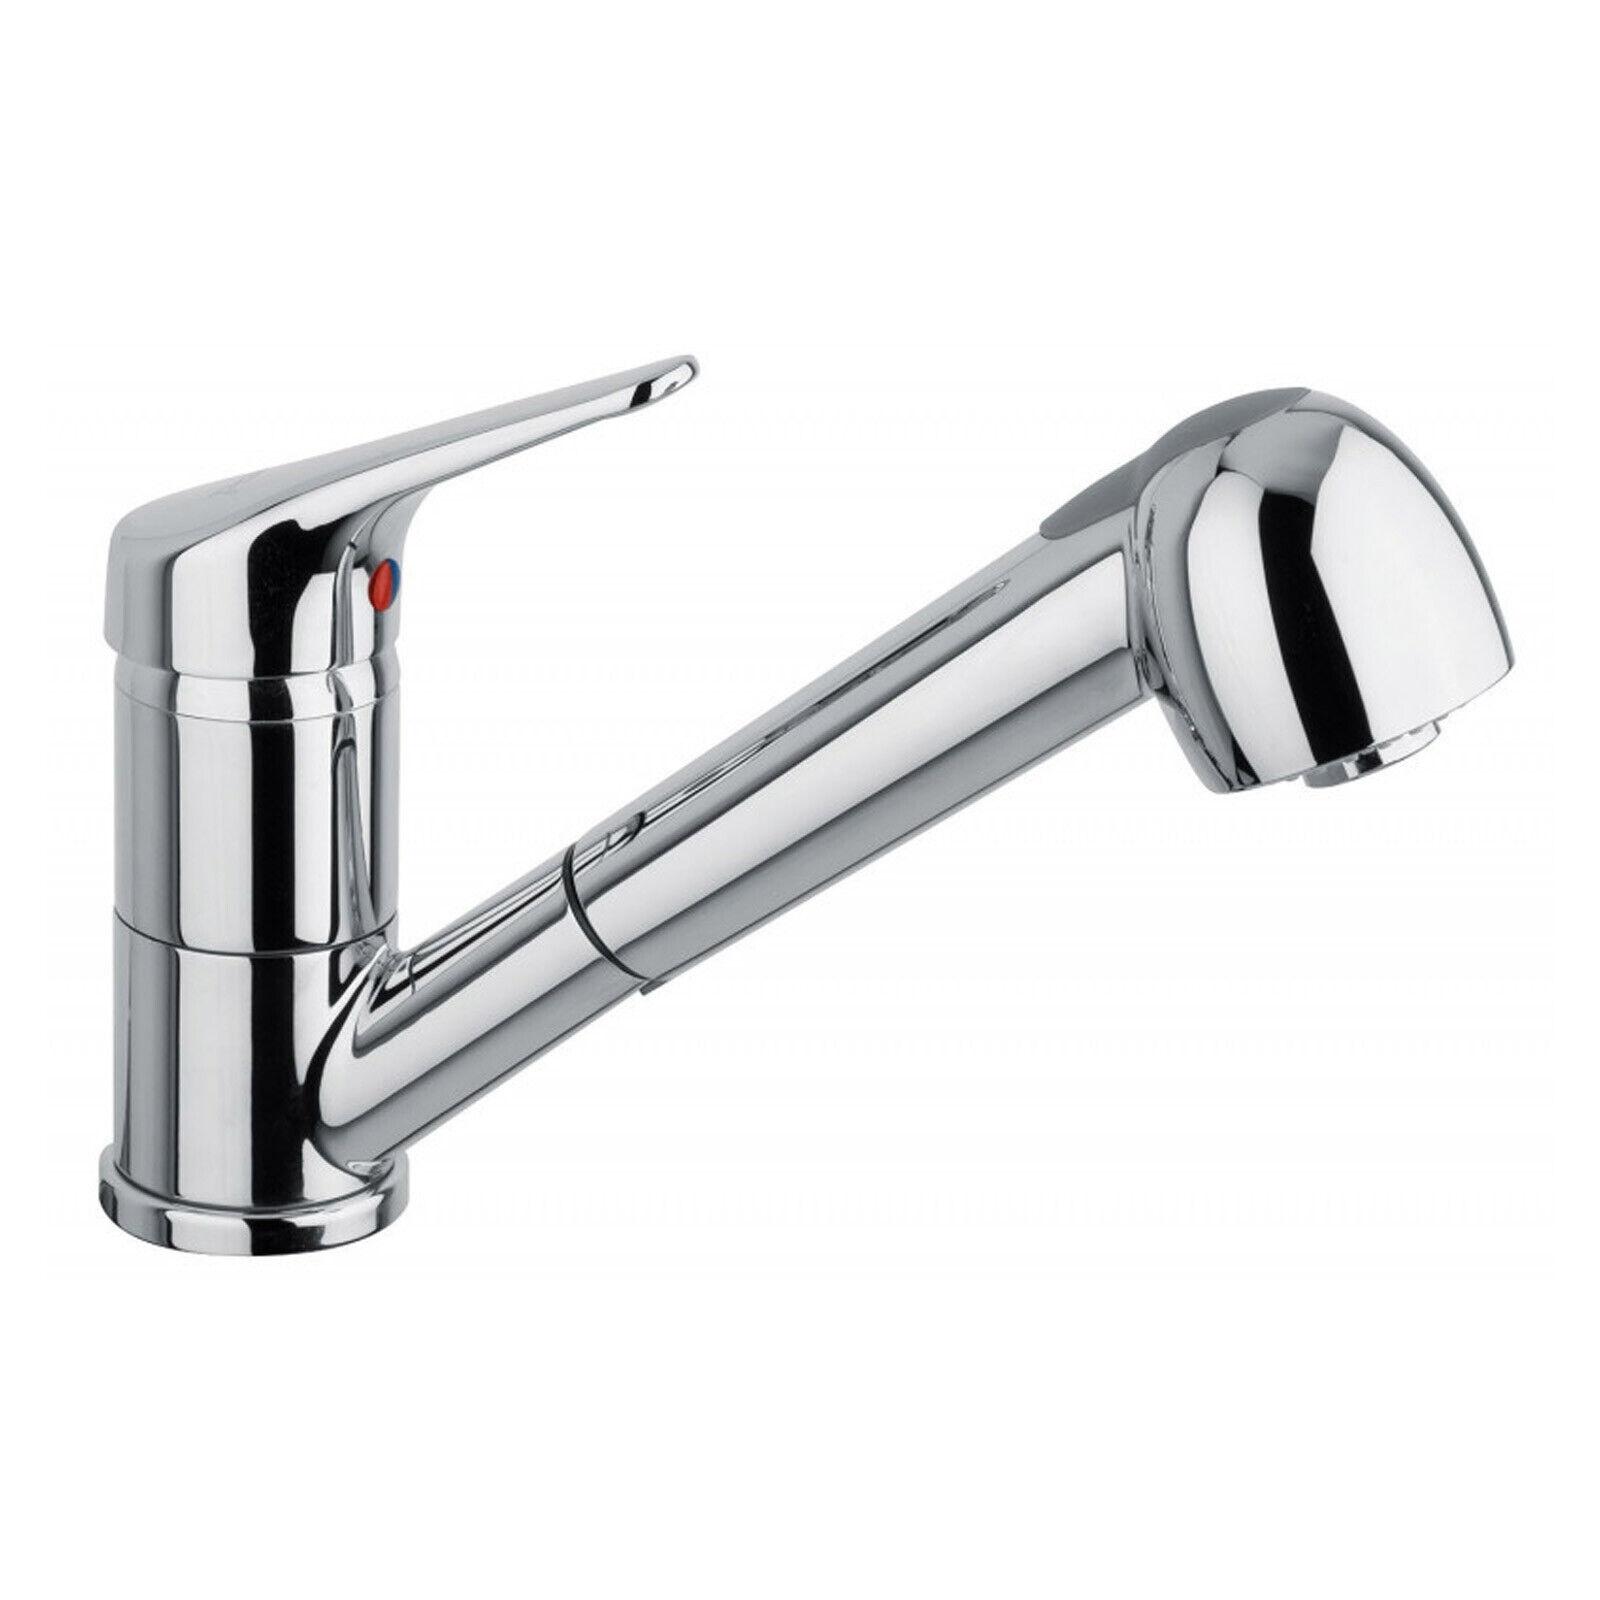 Miscelatore rubinetto monocomando con bocca estraibile per lavello cucina